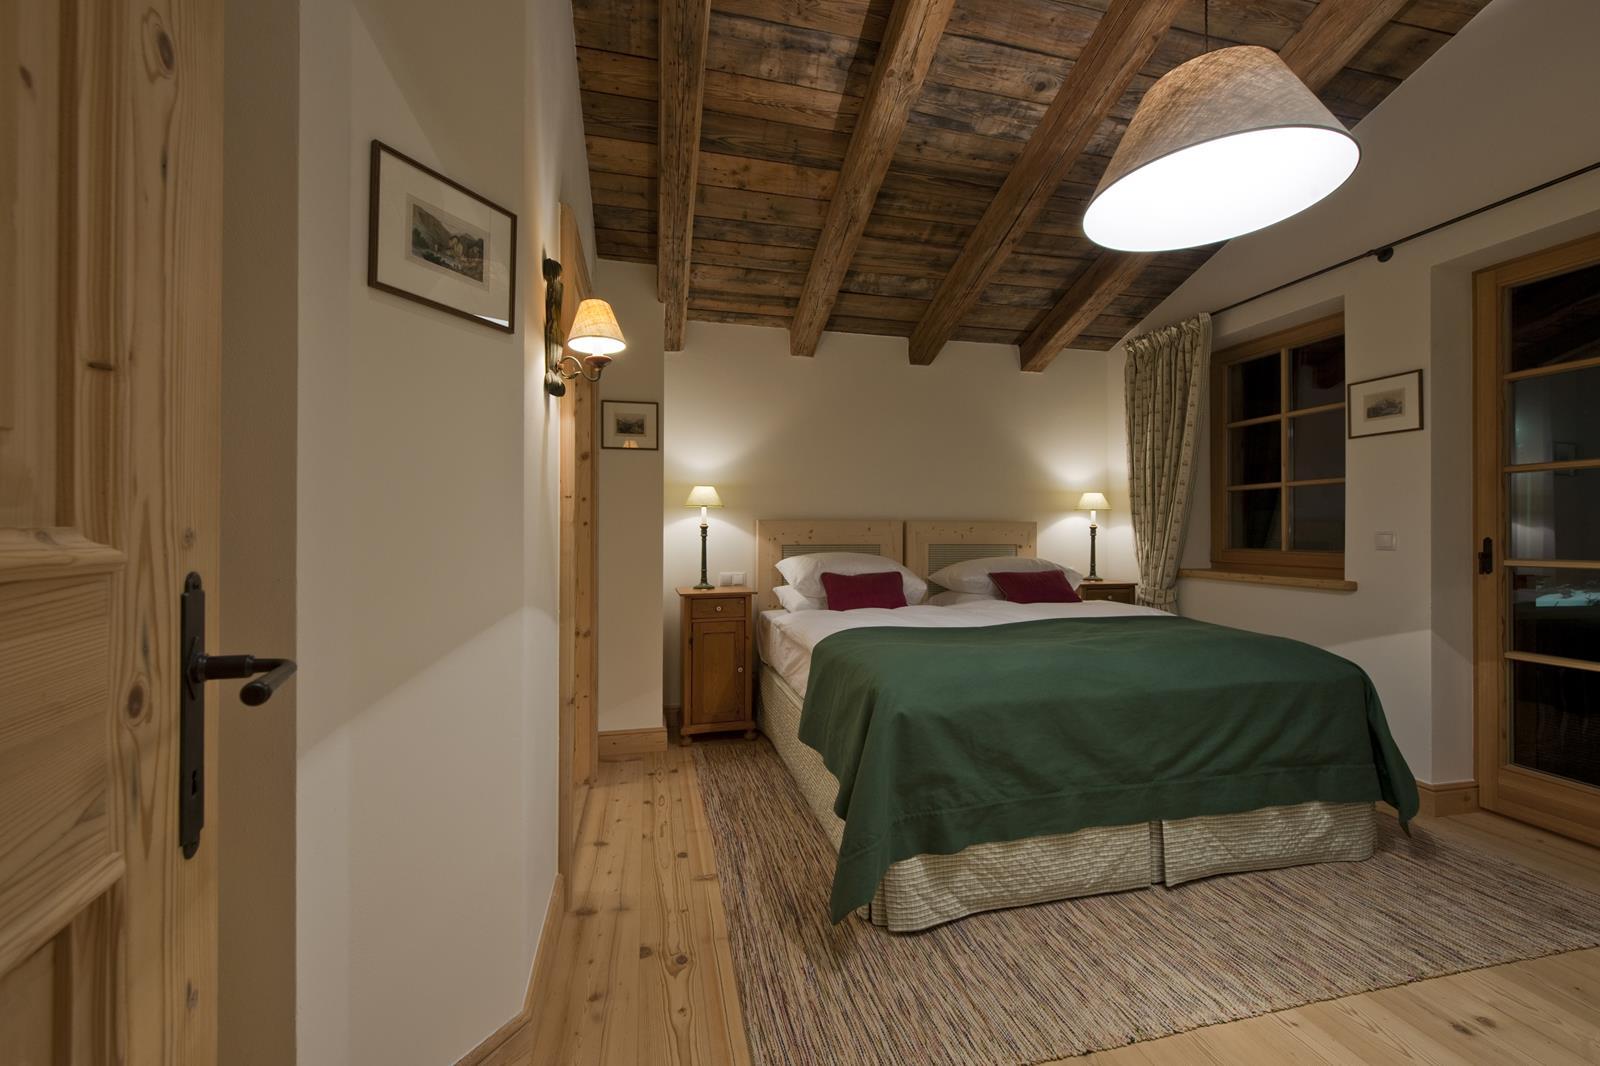 chalet-antoinette-bedroom4-2